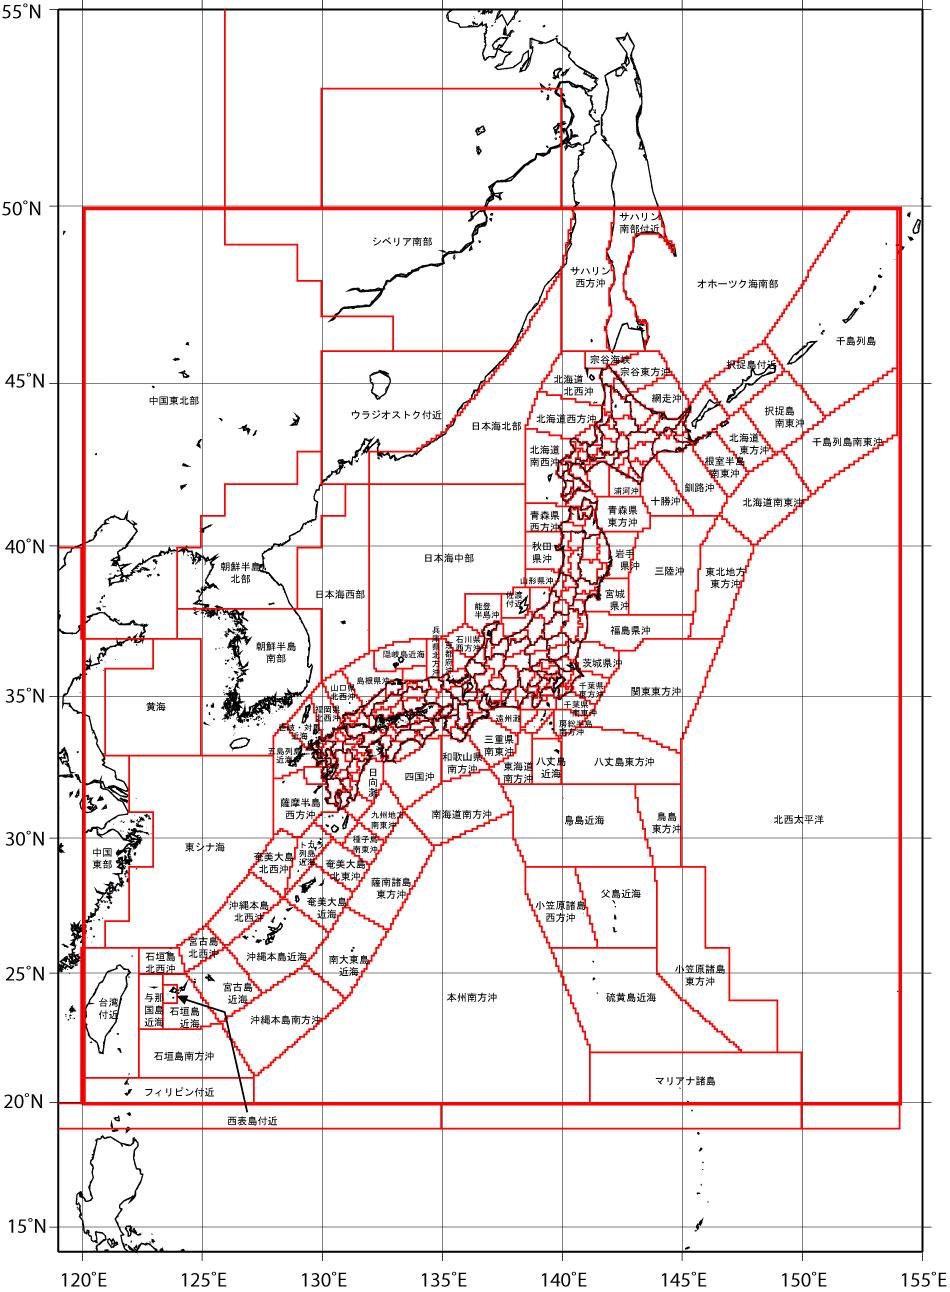 気象庁   地震情報で用いる震央地名(日本全体図)